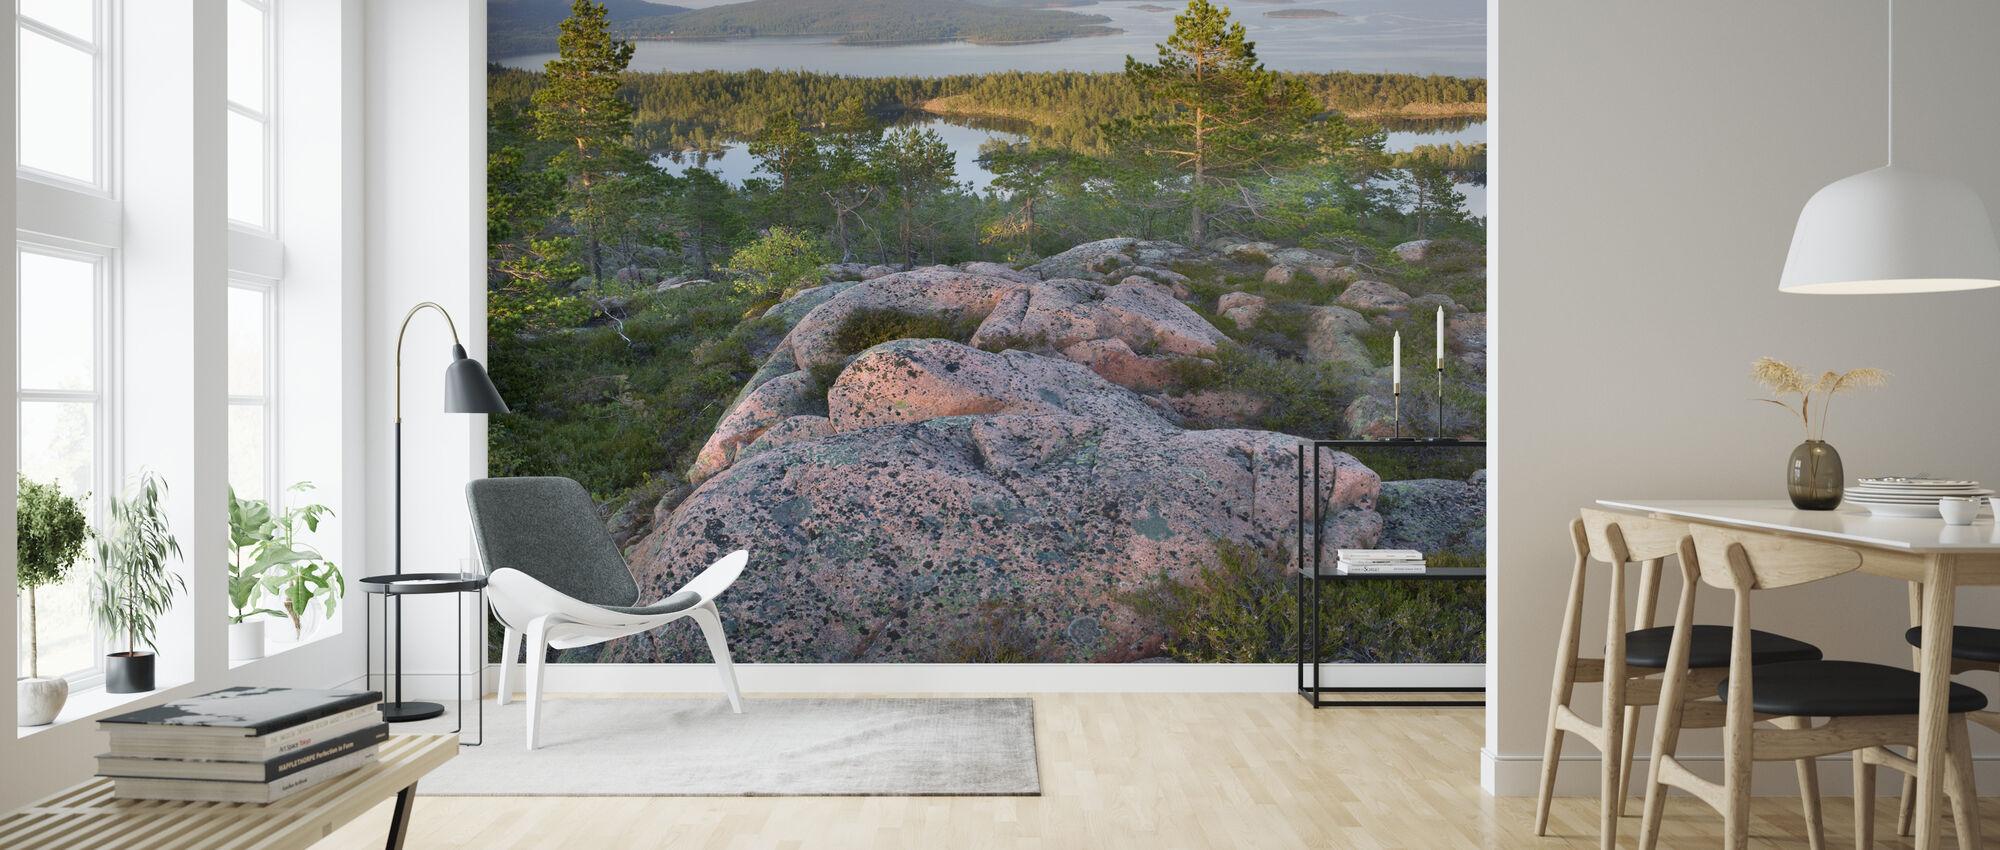 Skuleskogenin kansallispuisto, Ruotsi - Tapetti - Olohuone